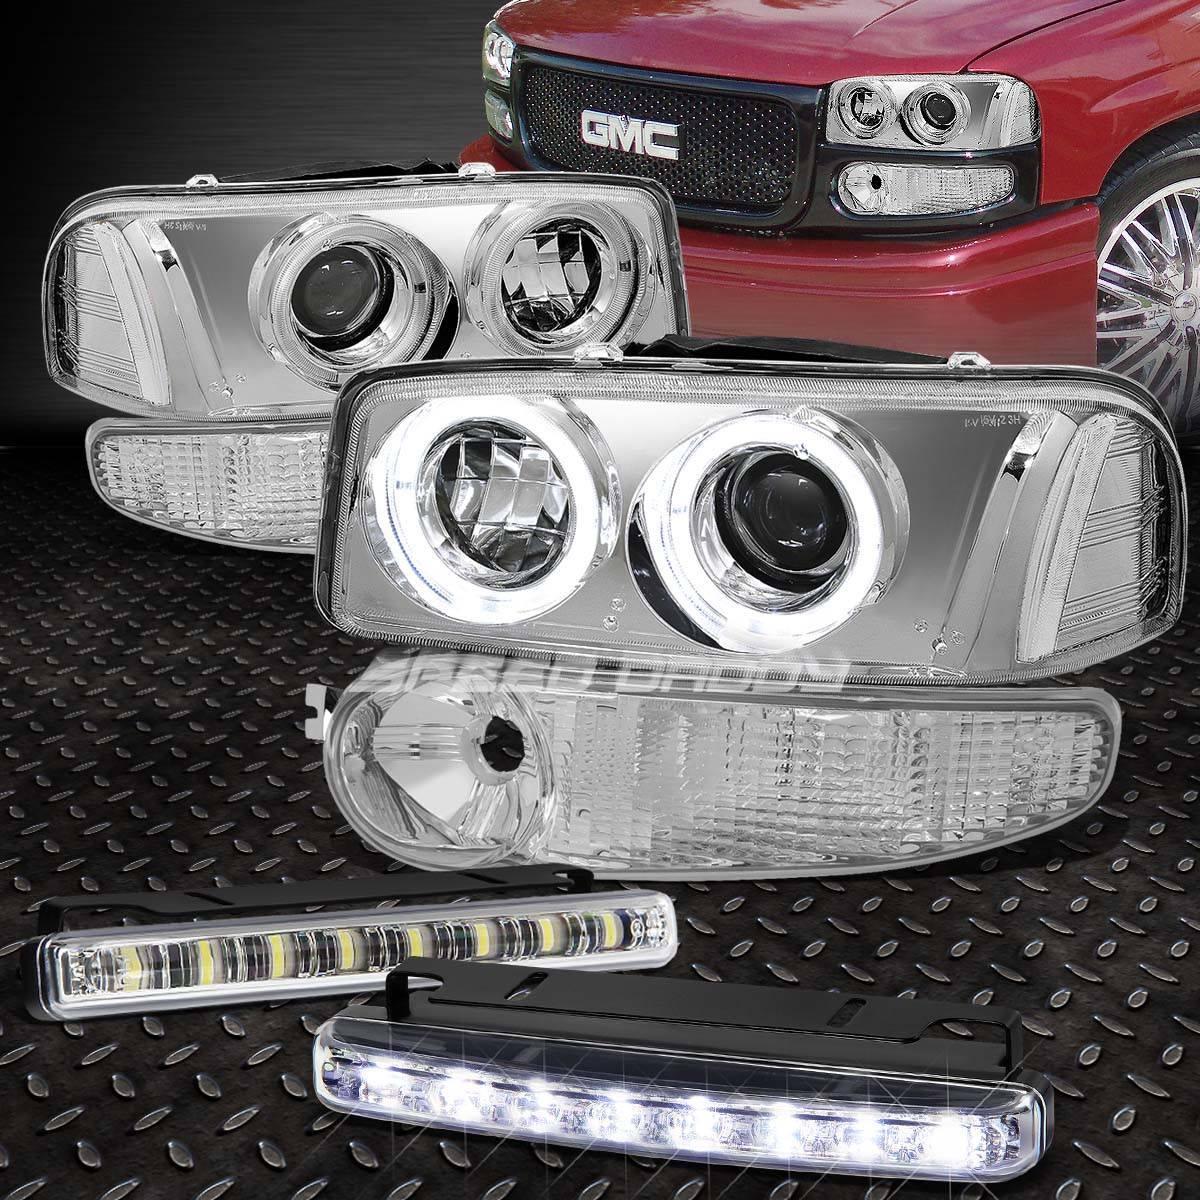 フォグライト CHROME/CLEAR DUAL HALO PROJECTOR HEADLIGHT+LED FOG LIGHT FOR 00-07 SIERRA DENALI クロム/クリアデュアルハロープロジェクターヘッドライト+ LED FOGライト00-07シエラデナリ